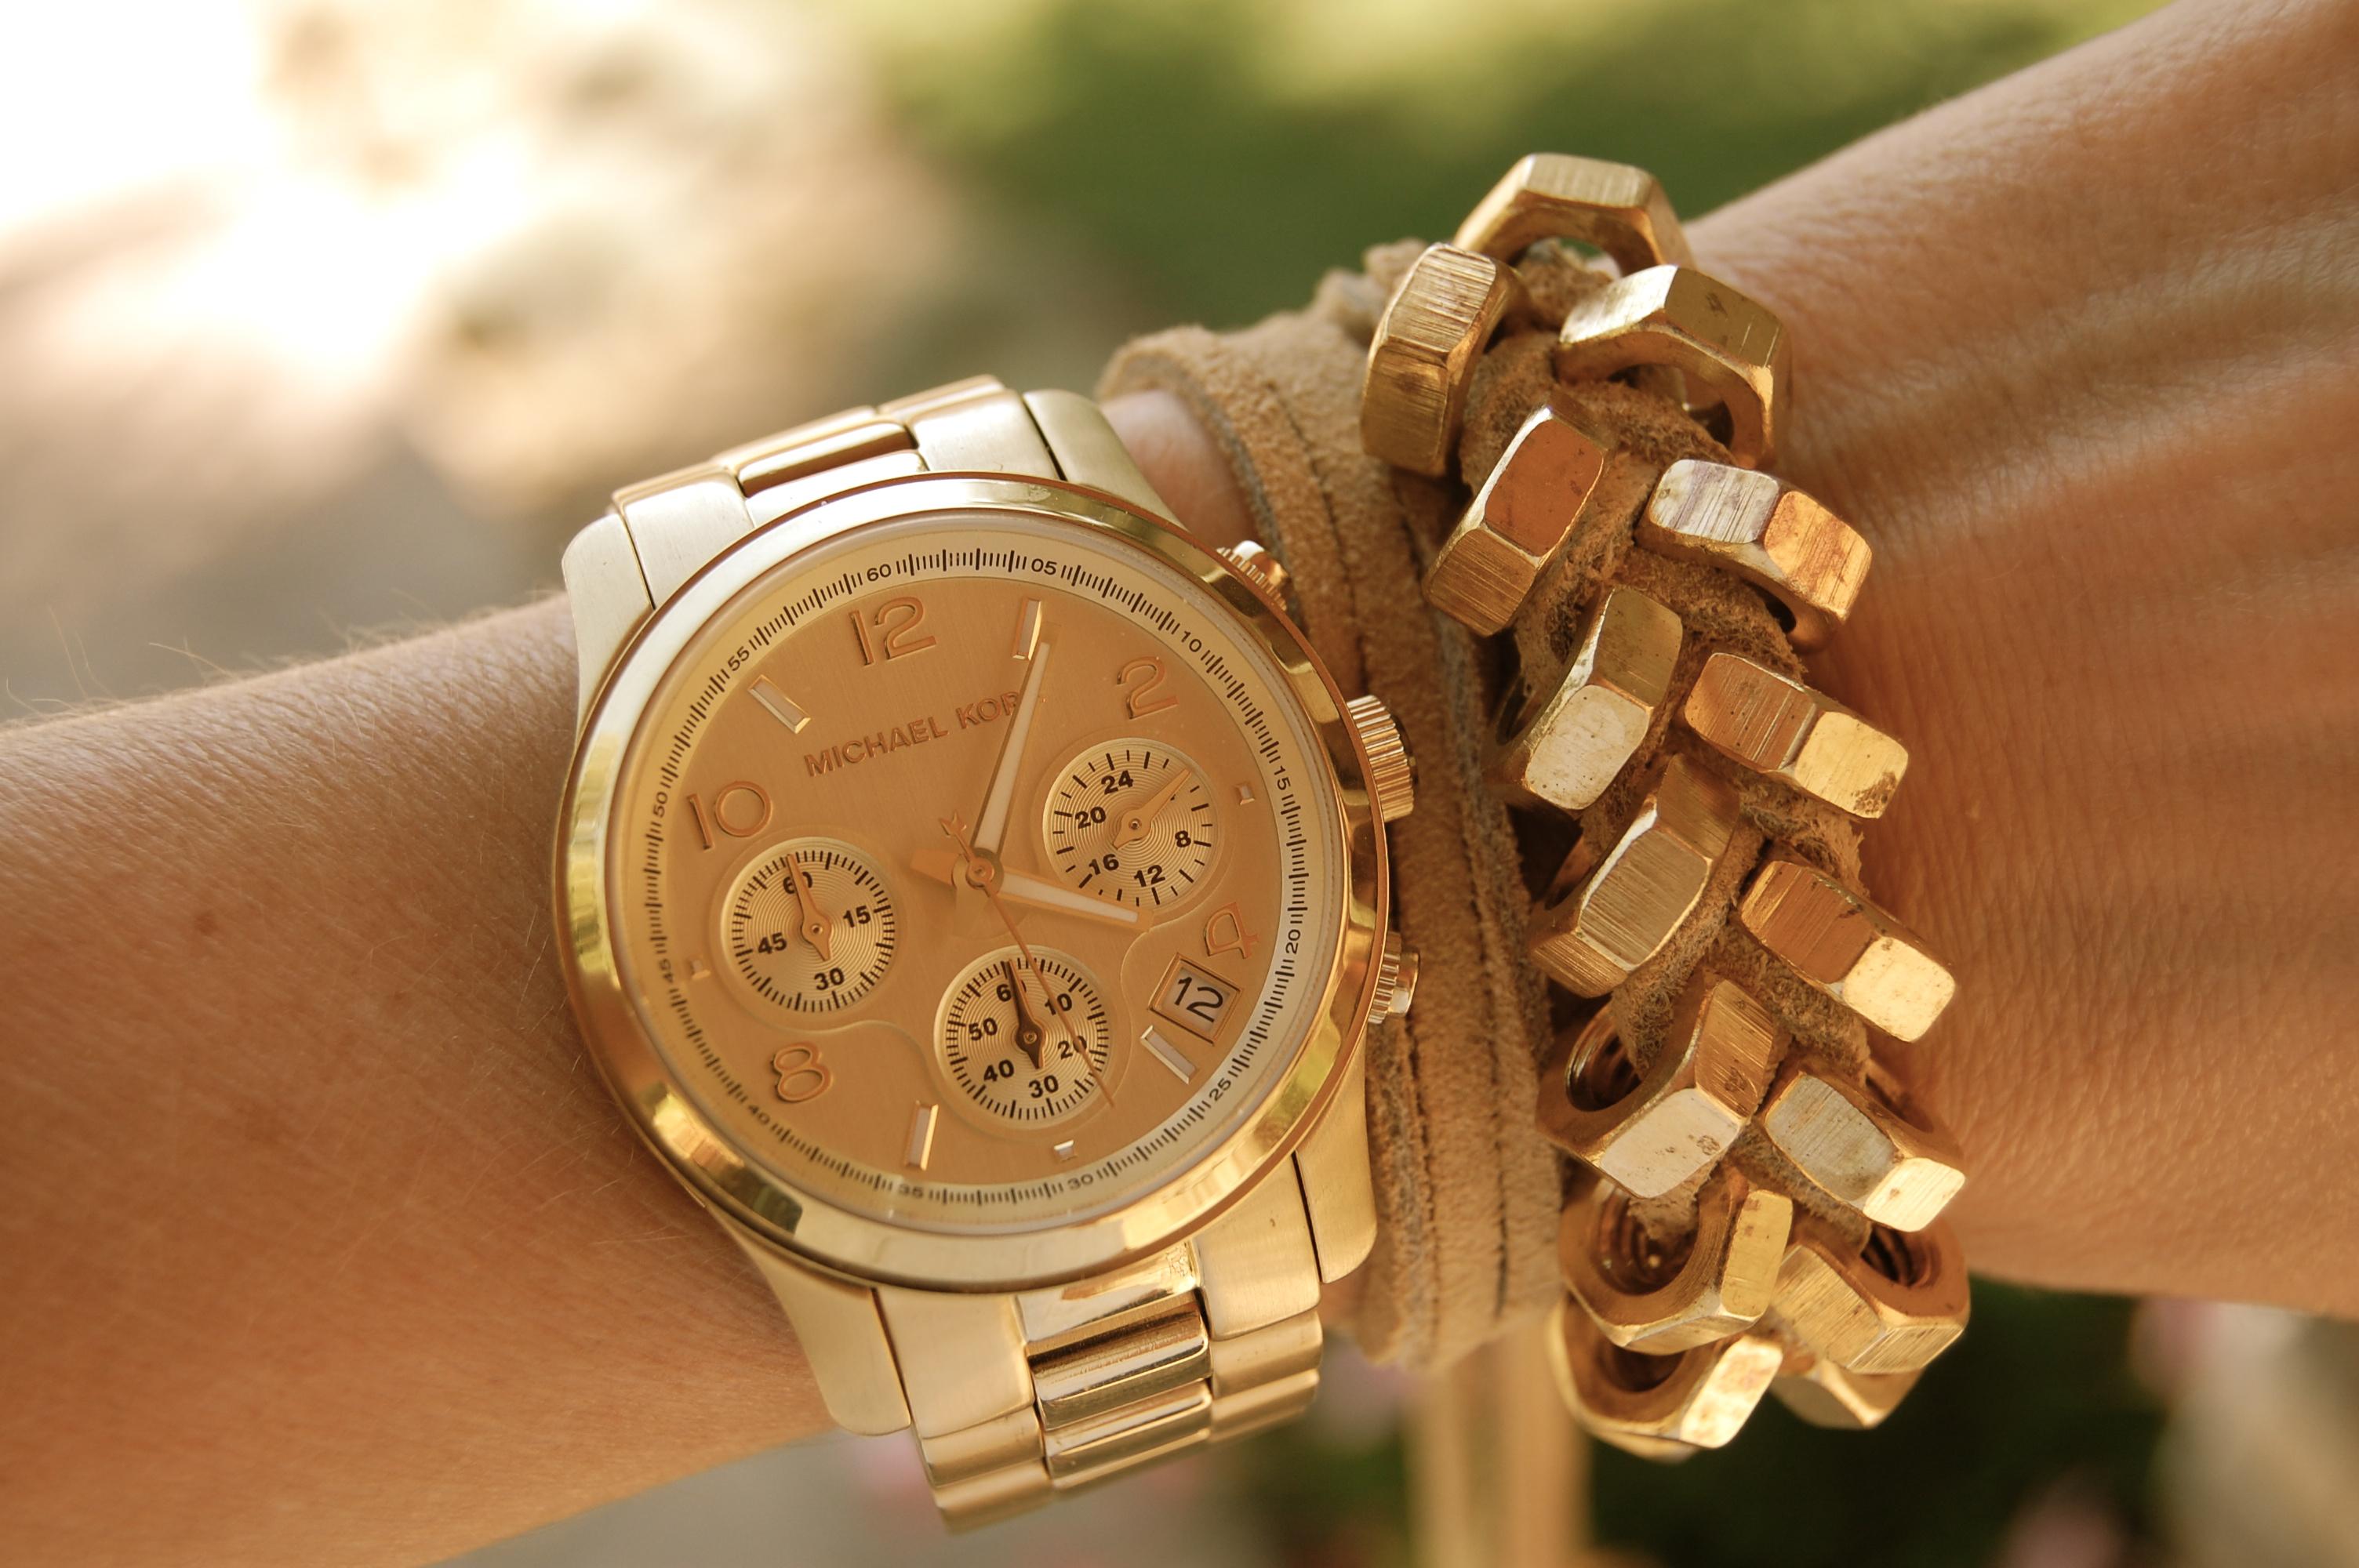 Как правильно сочетать часы с одеждой?